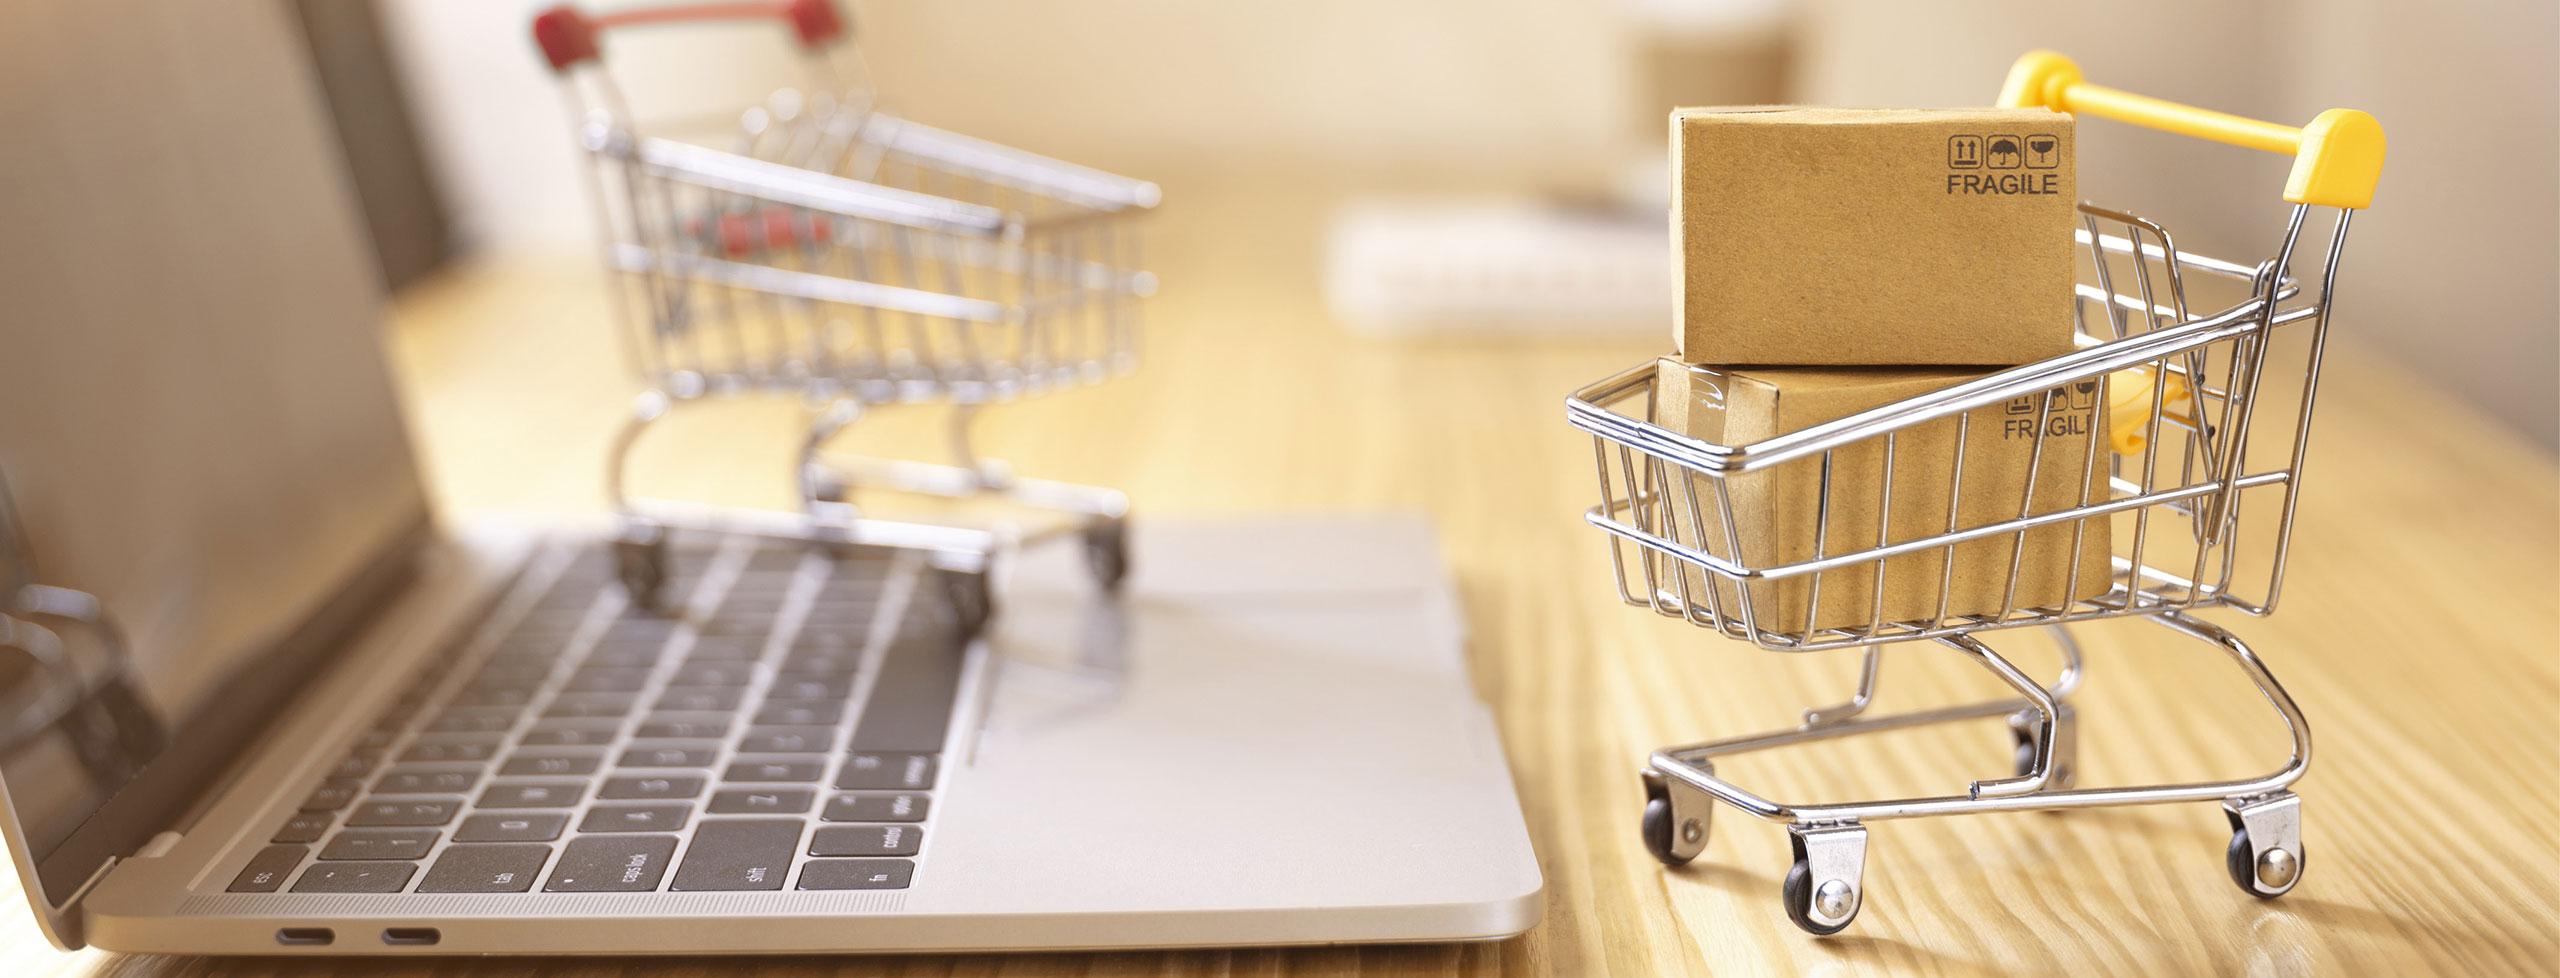 Wie sich Corona auf das Konsumentenverhalten auswirkt - Online Marketing Tipps - E-Commerce